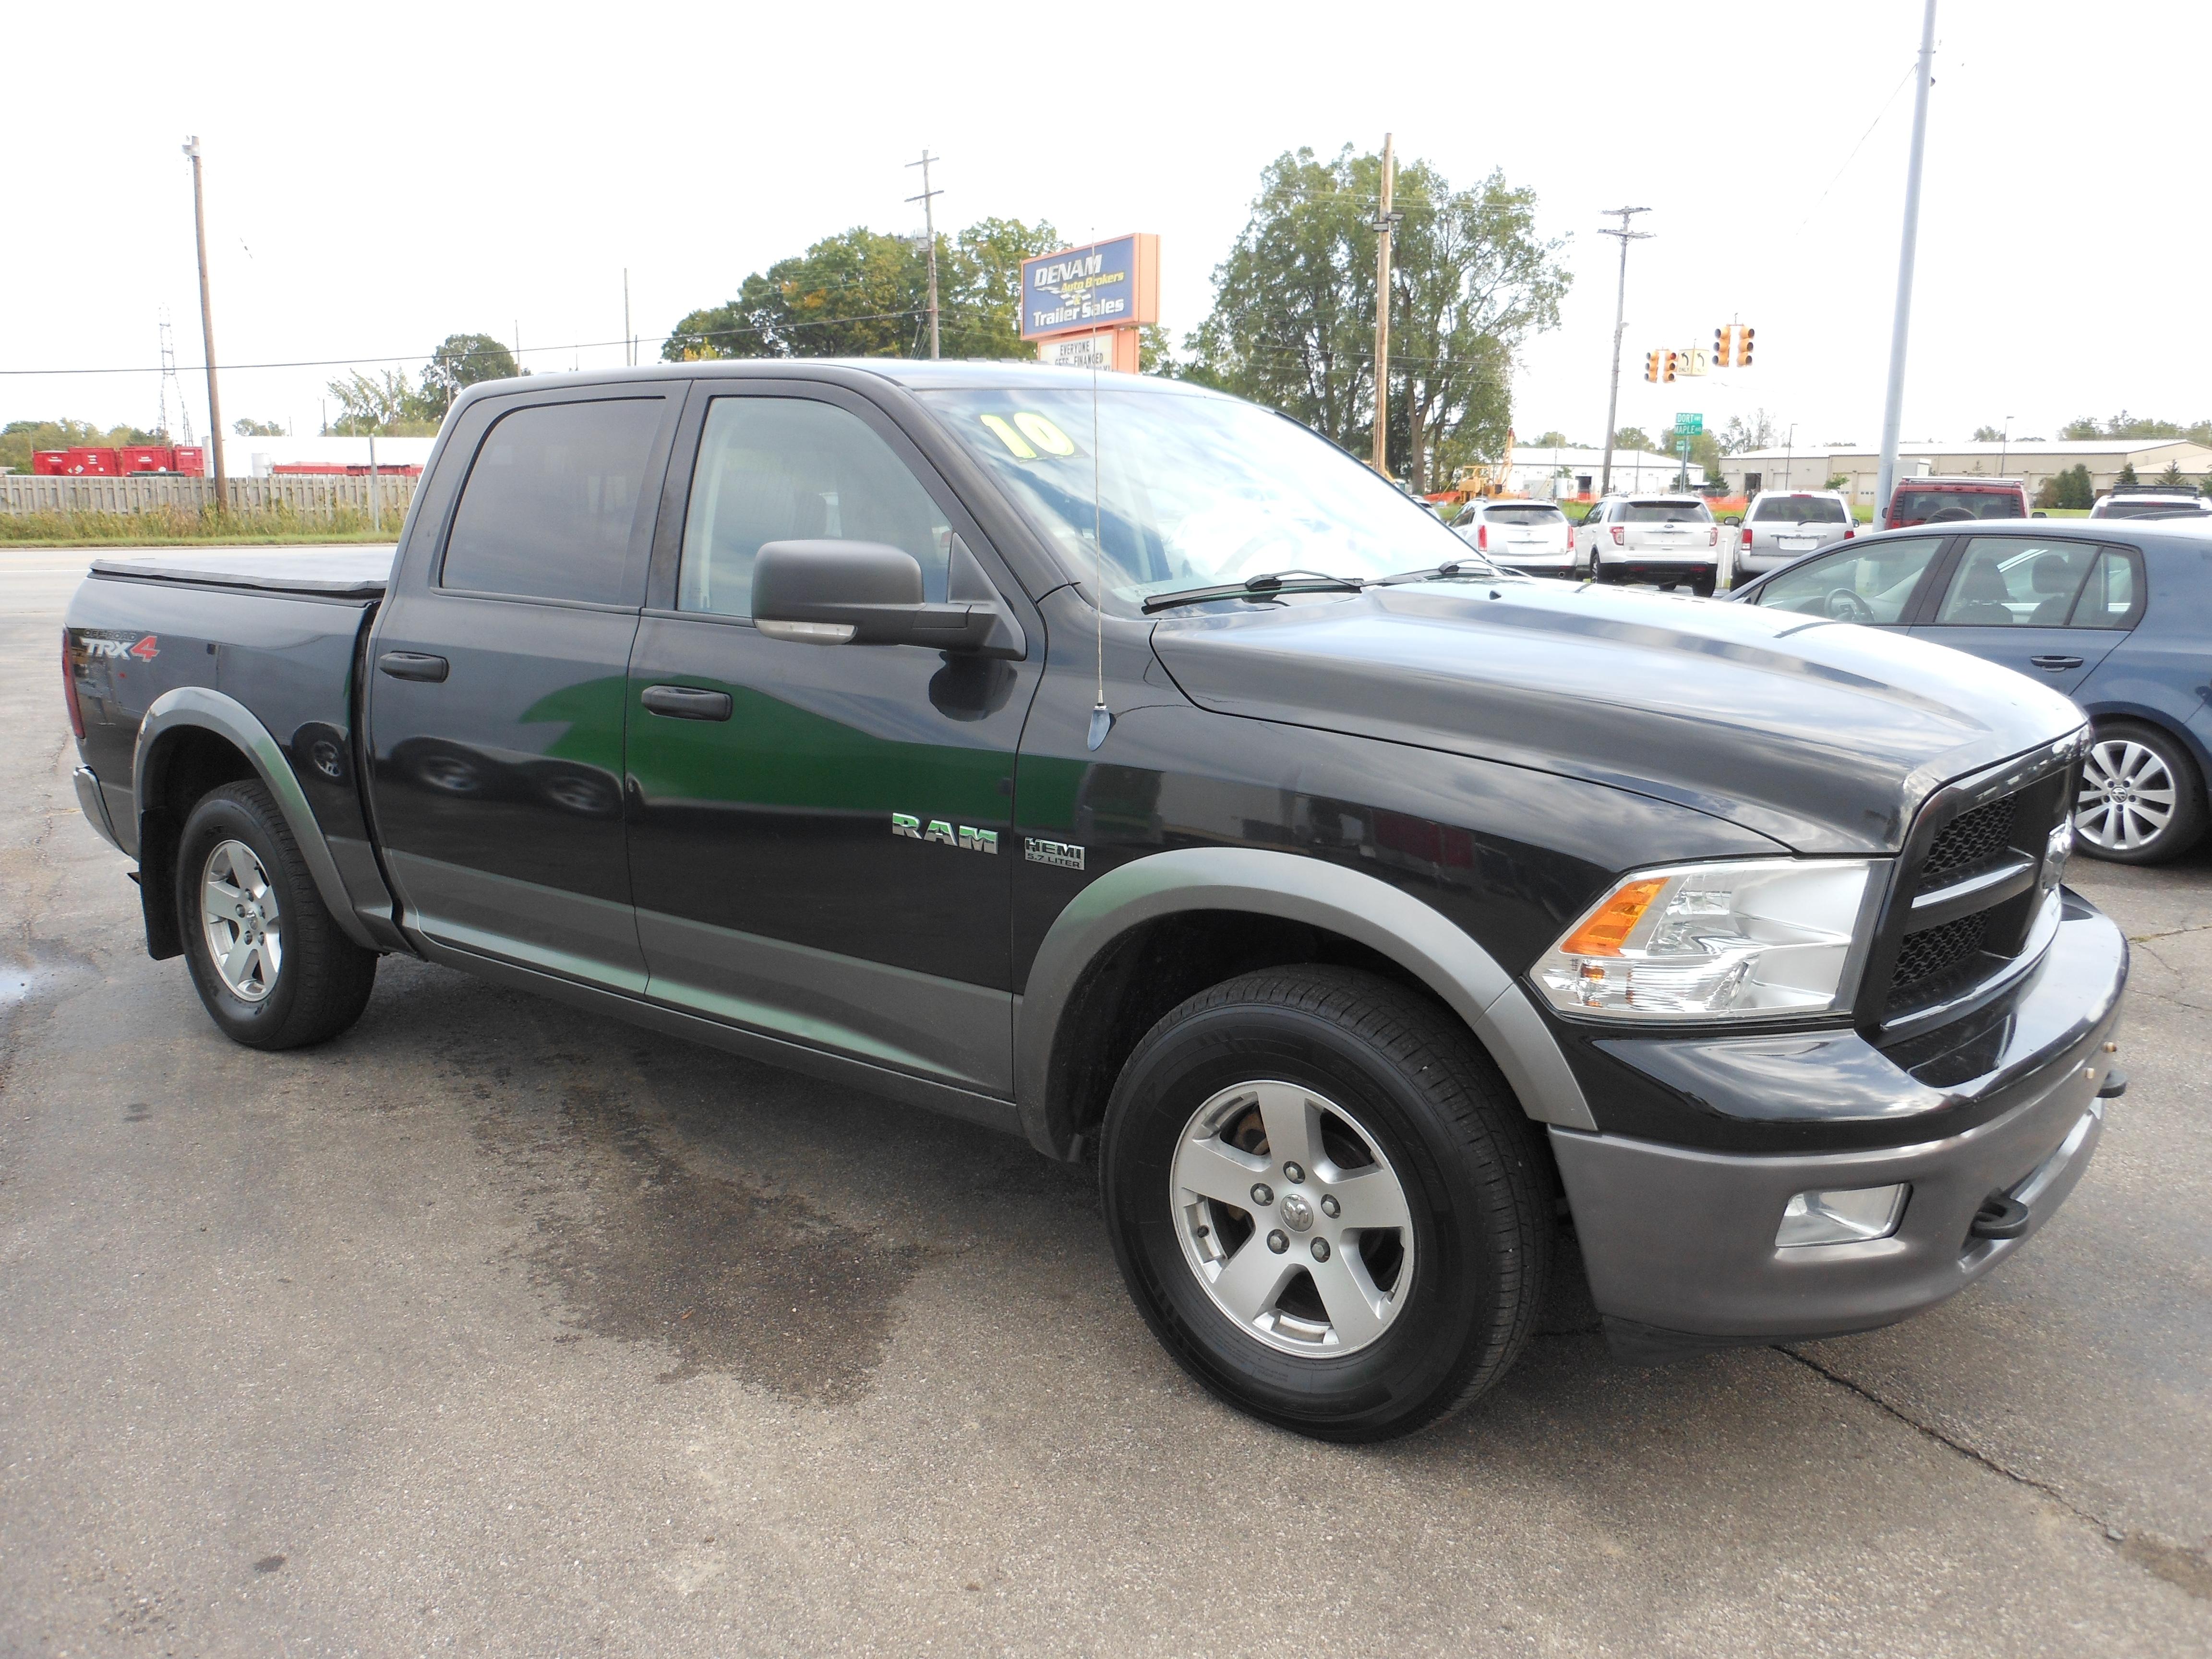 For Sale 2010 Dodge RAM 1500 TRX Off-Road Crew Cab - Denam ...